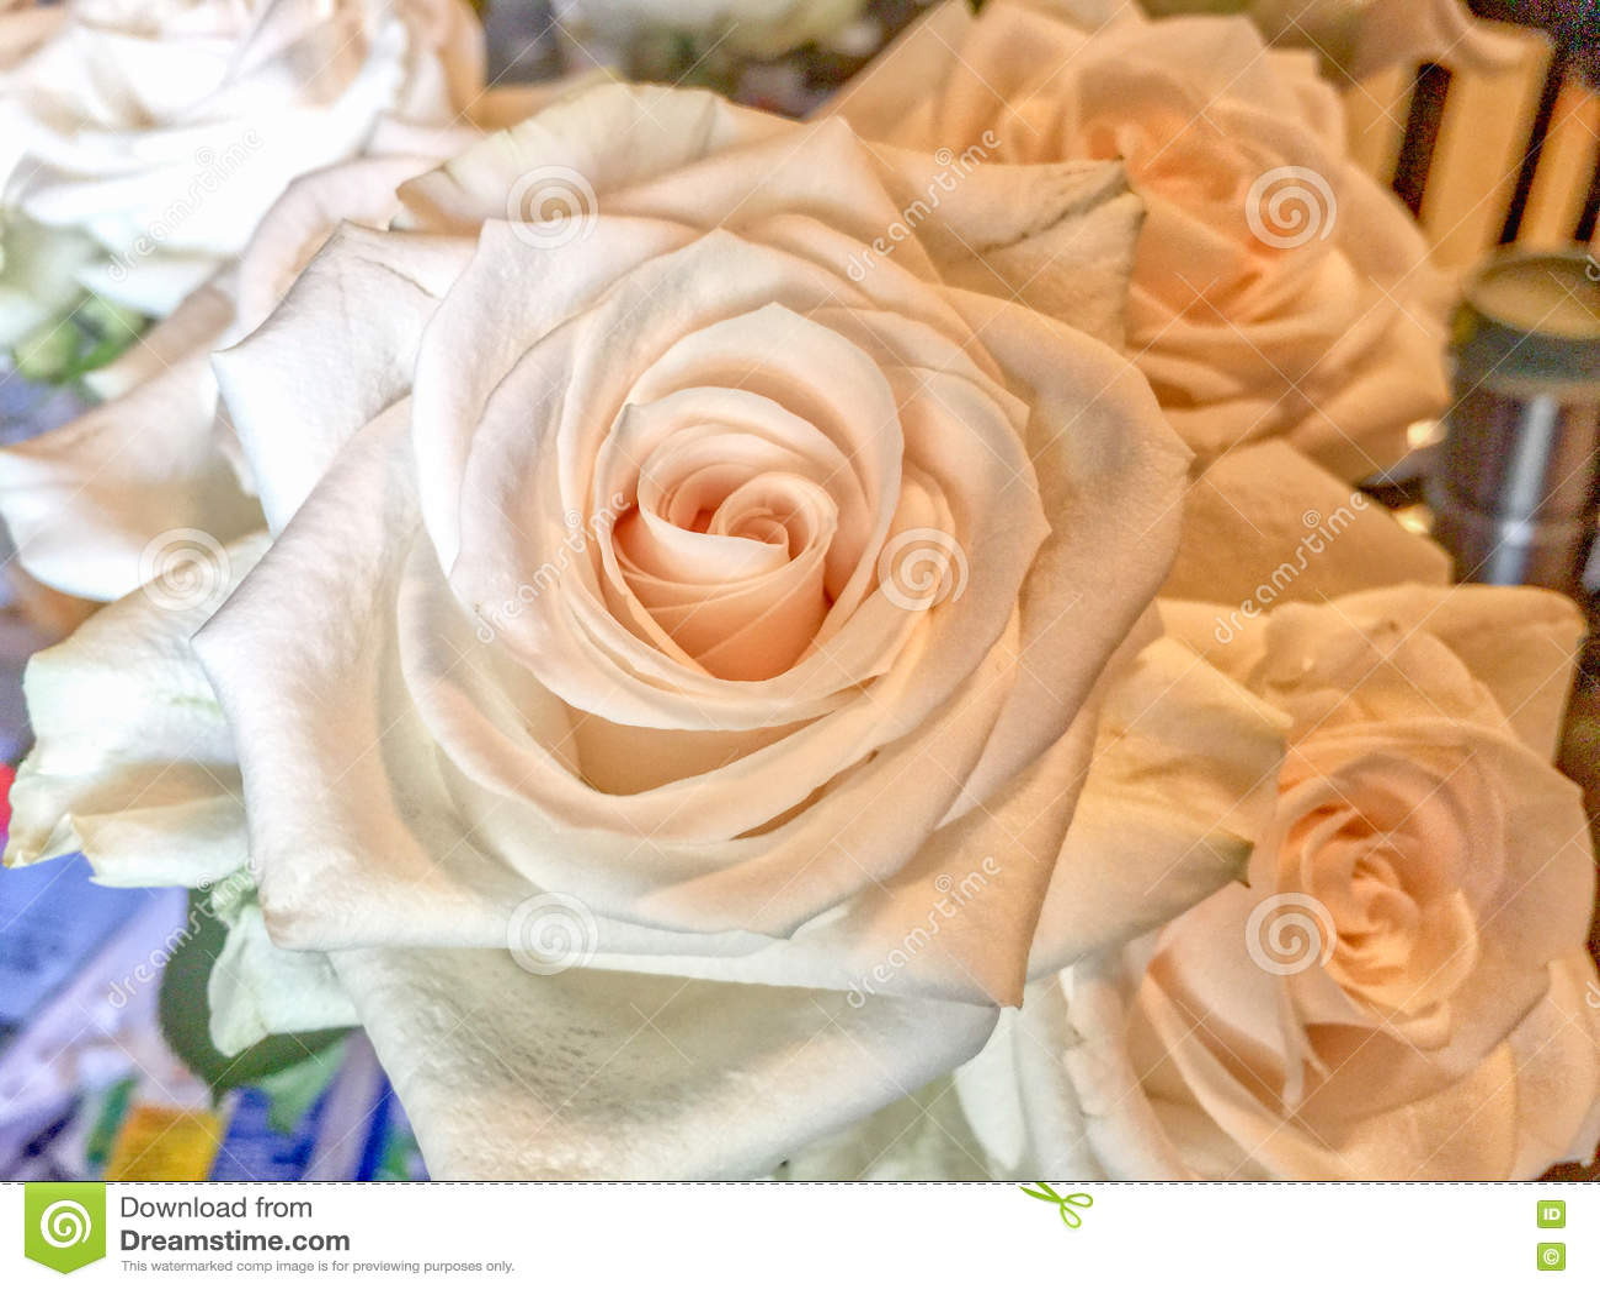 Groupe de roses fraîches